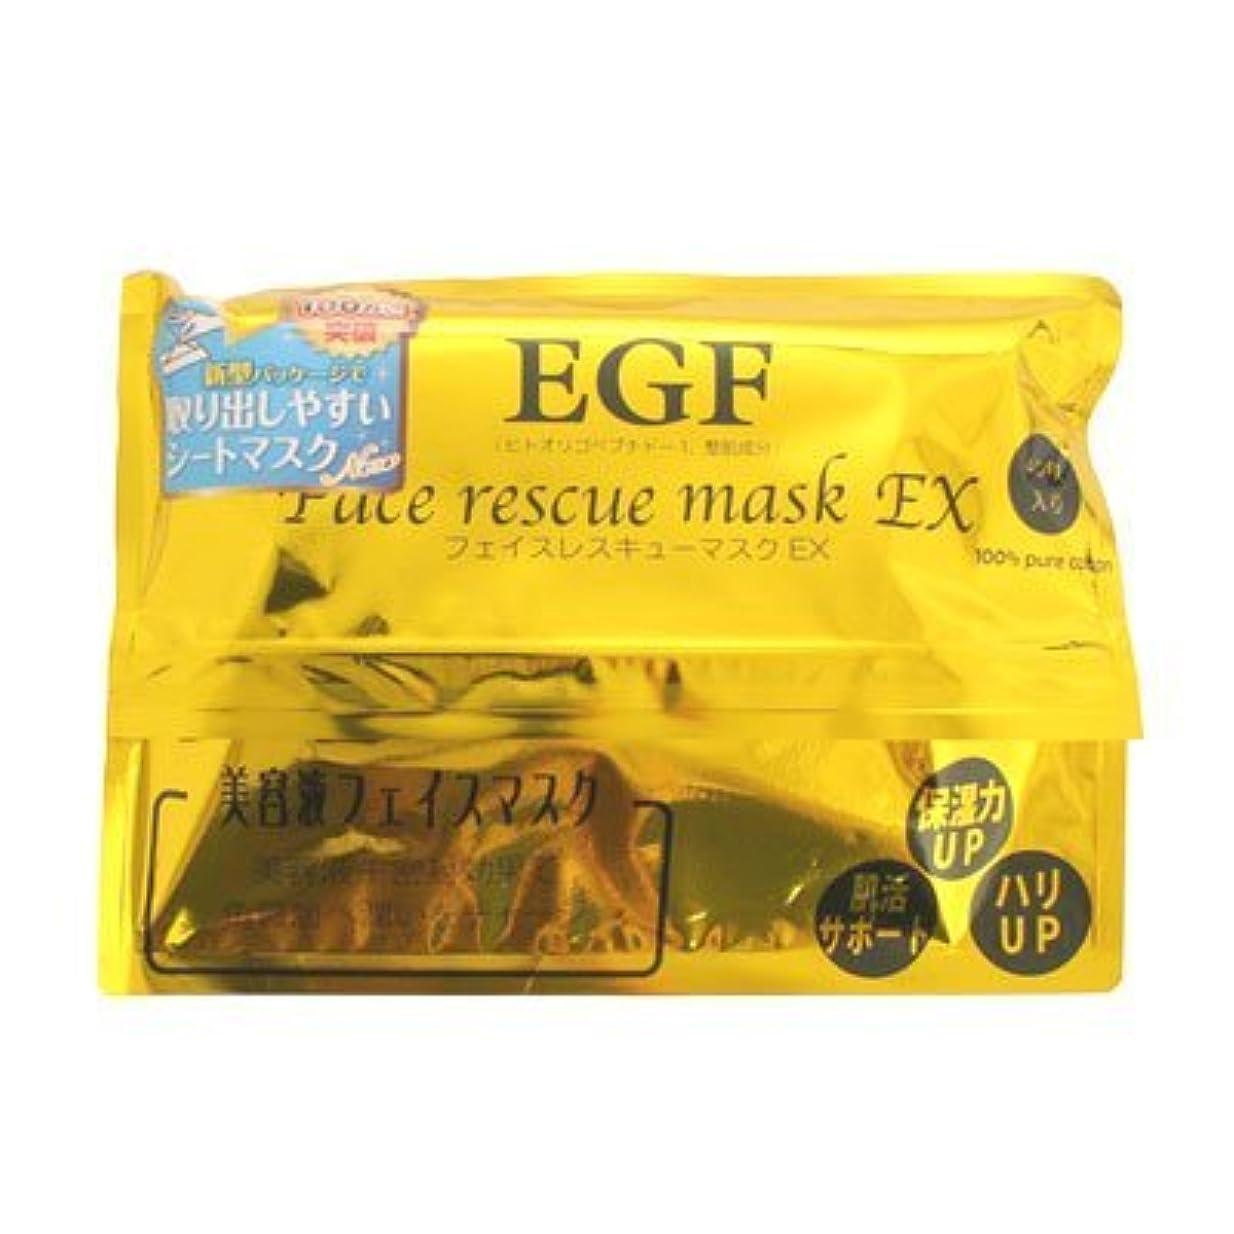 トーナメント試験扱いやすいEGF フェイス レスキュー マスク EX (40枚入り)